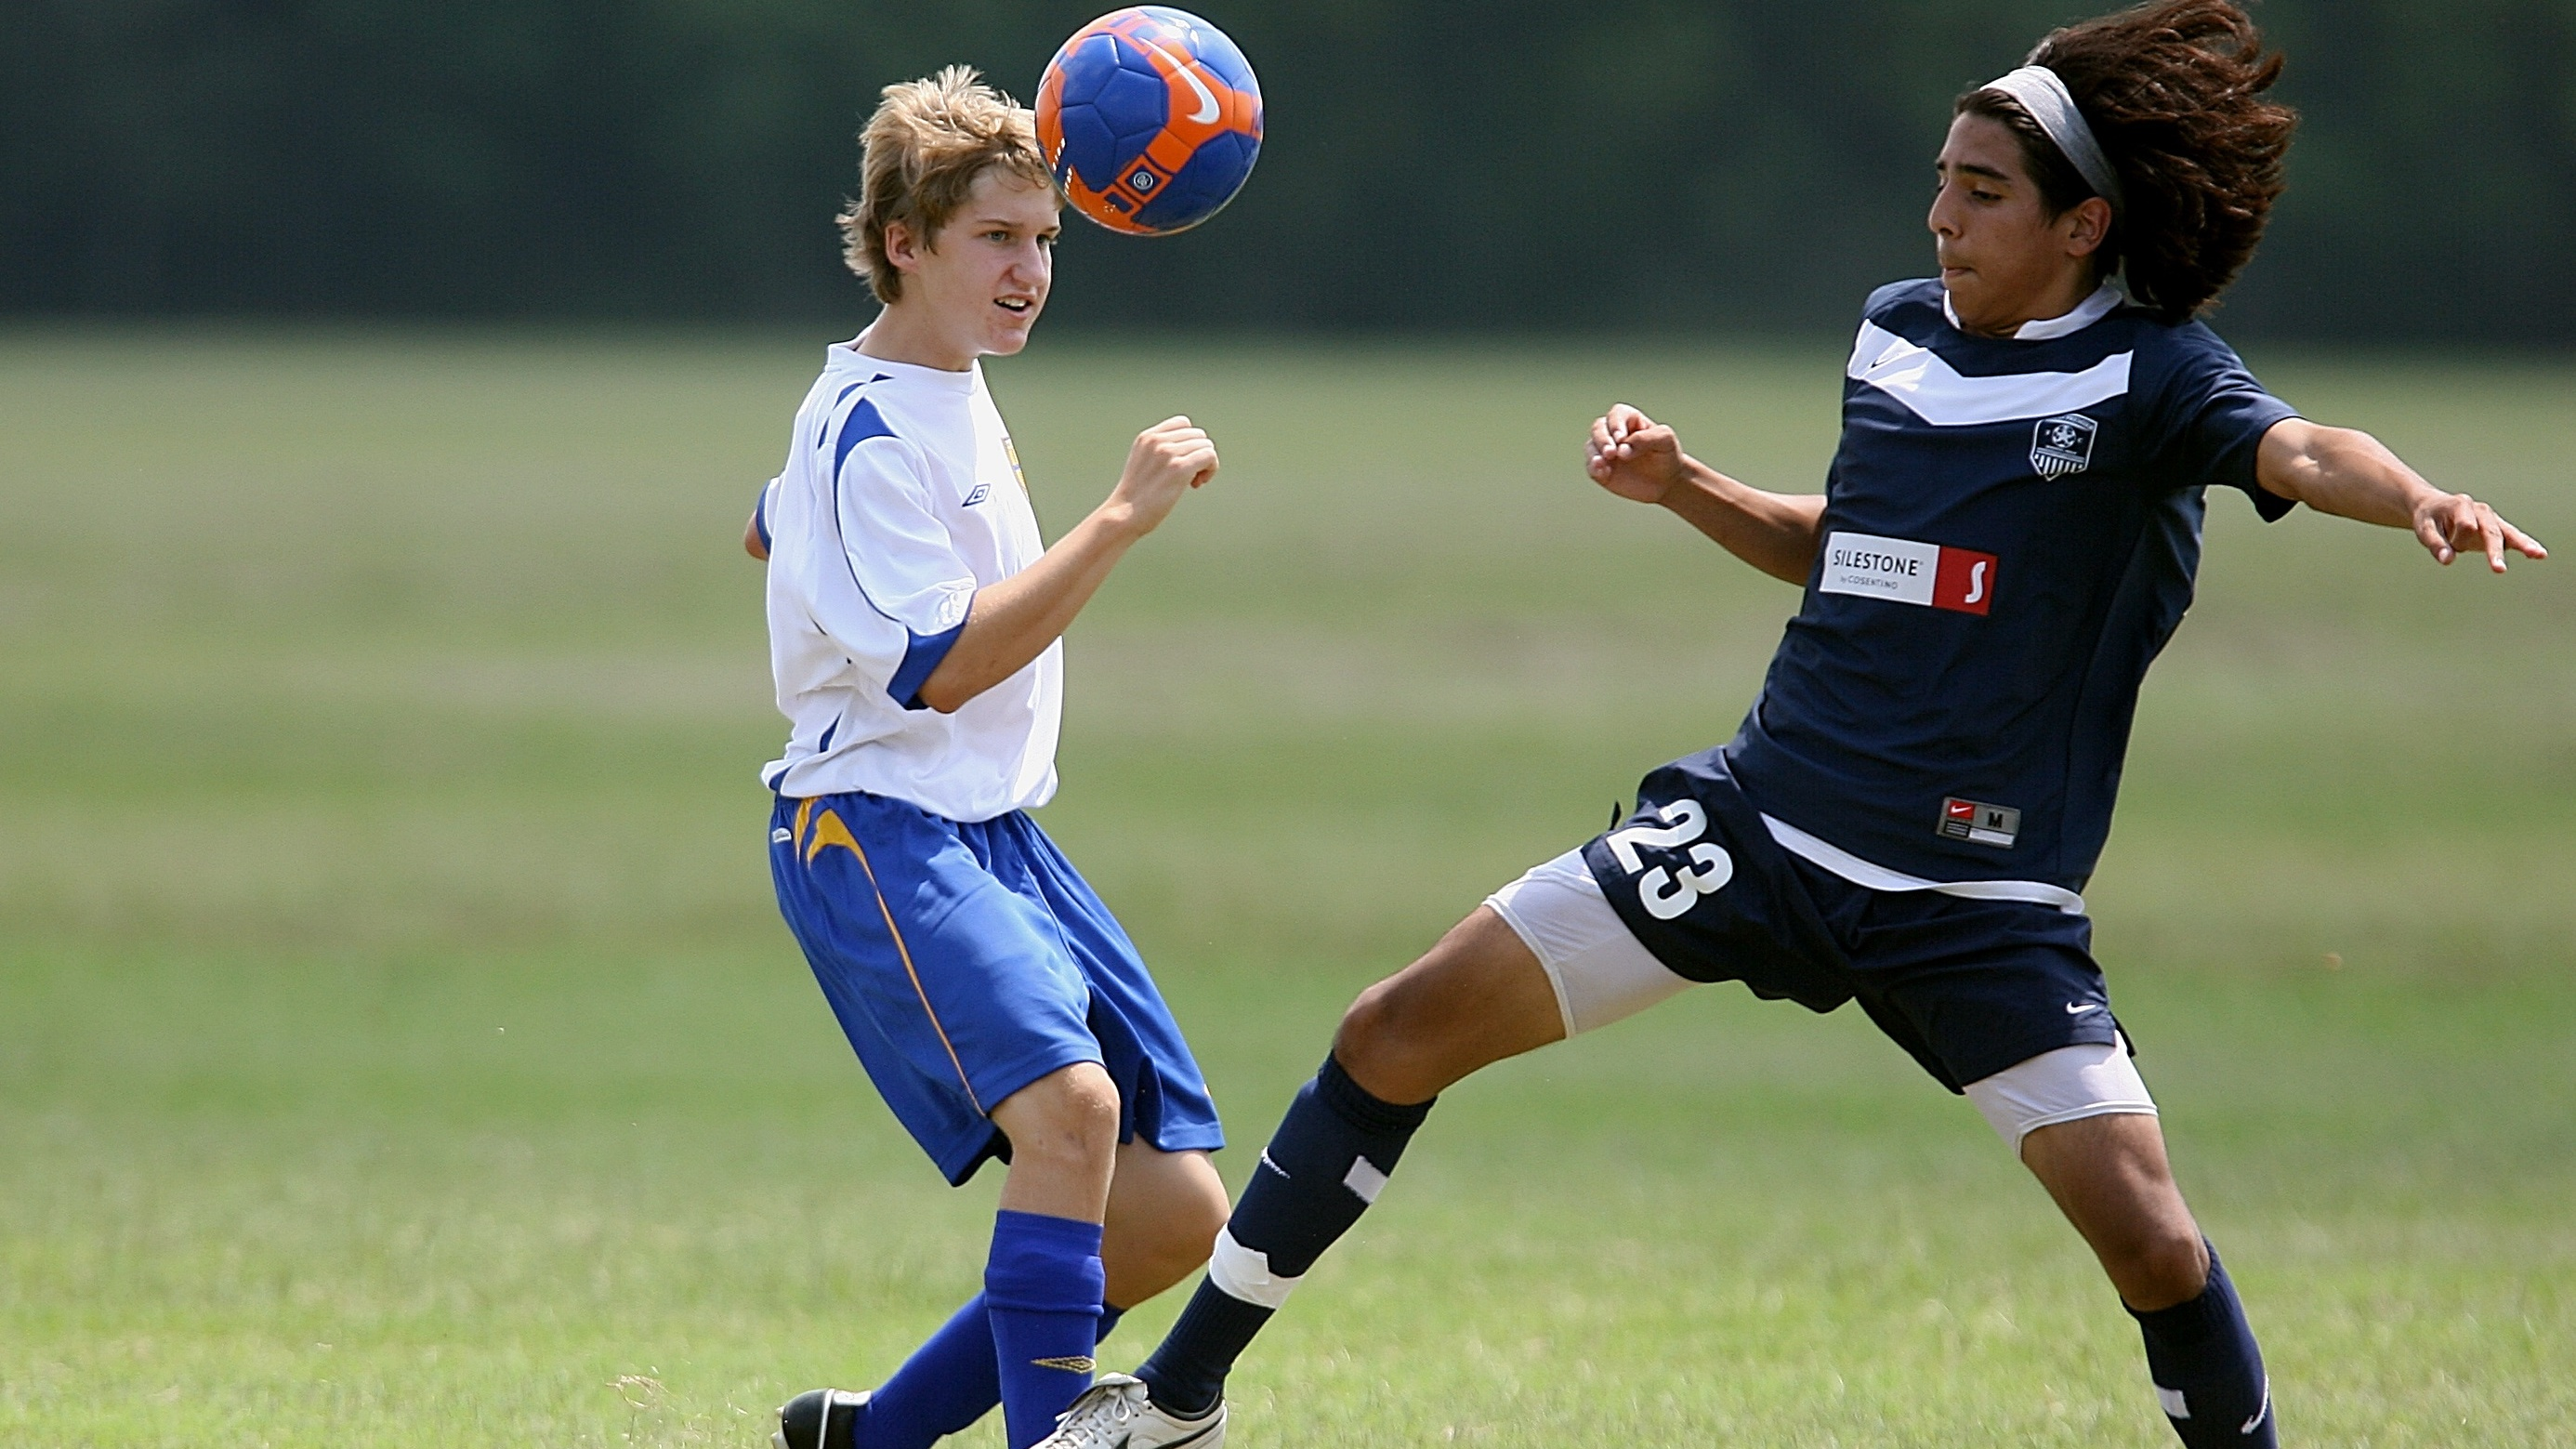 Chiropractor-Ann-Arbor-Children-Athletics